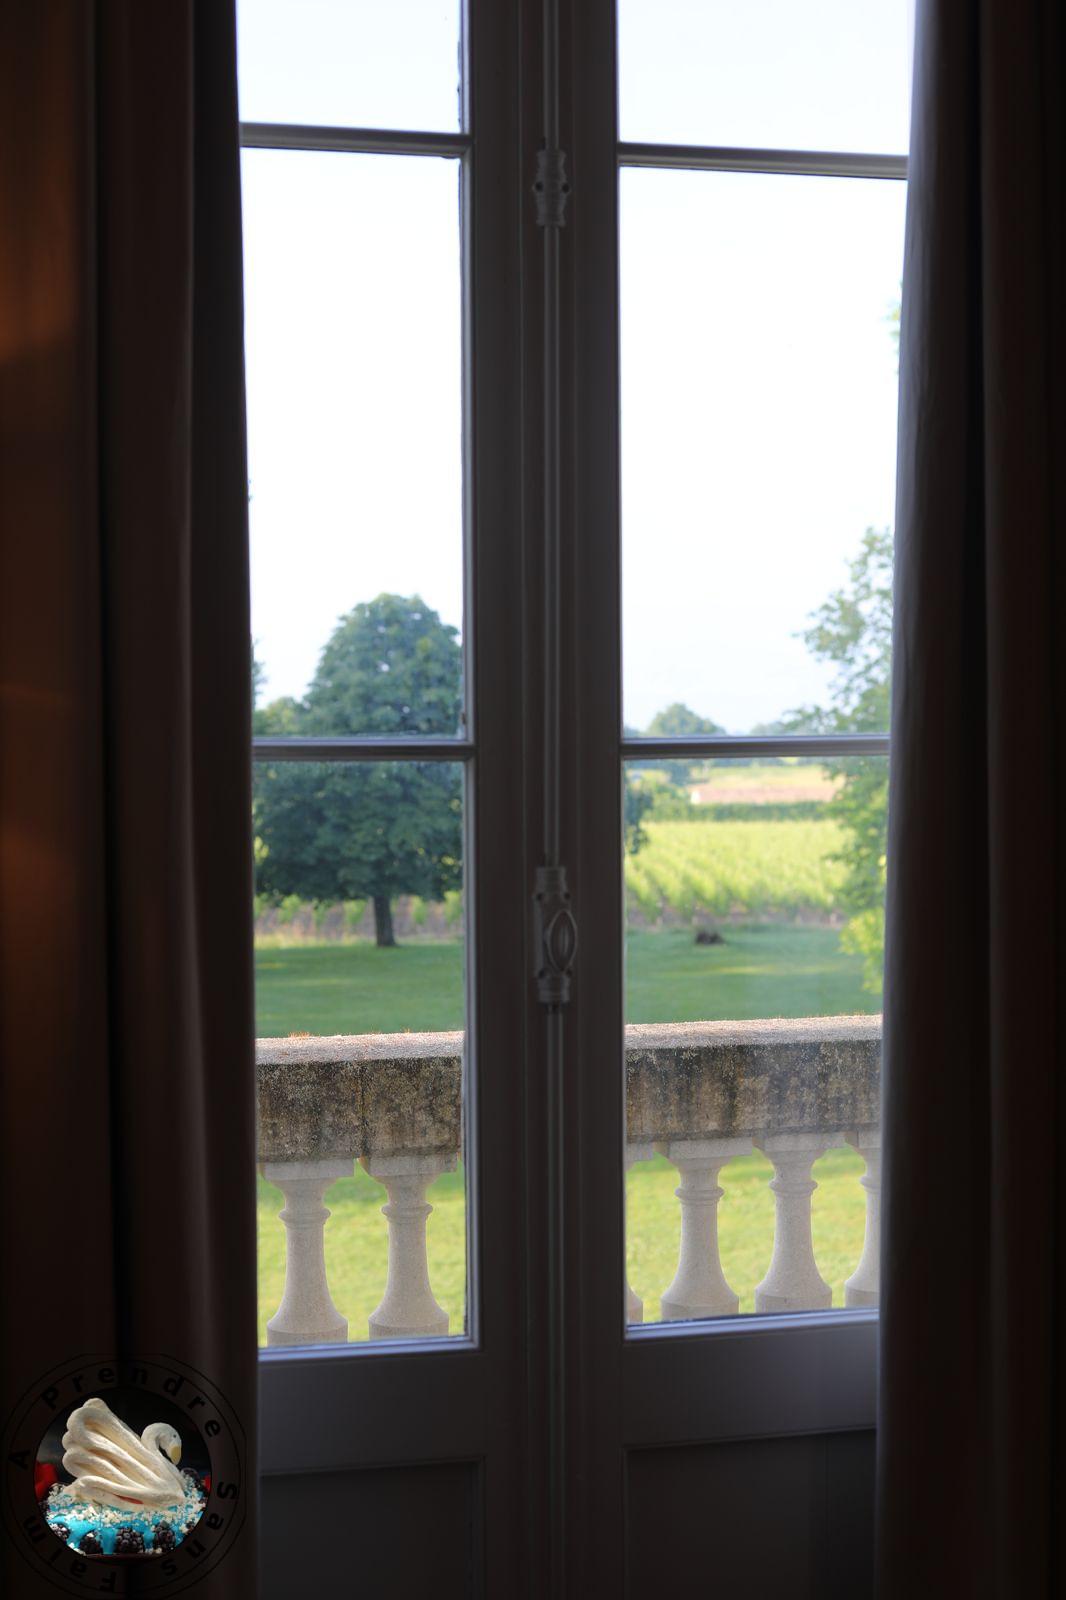 Séjour au Château Lamothe-Bergeron